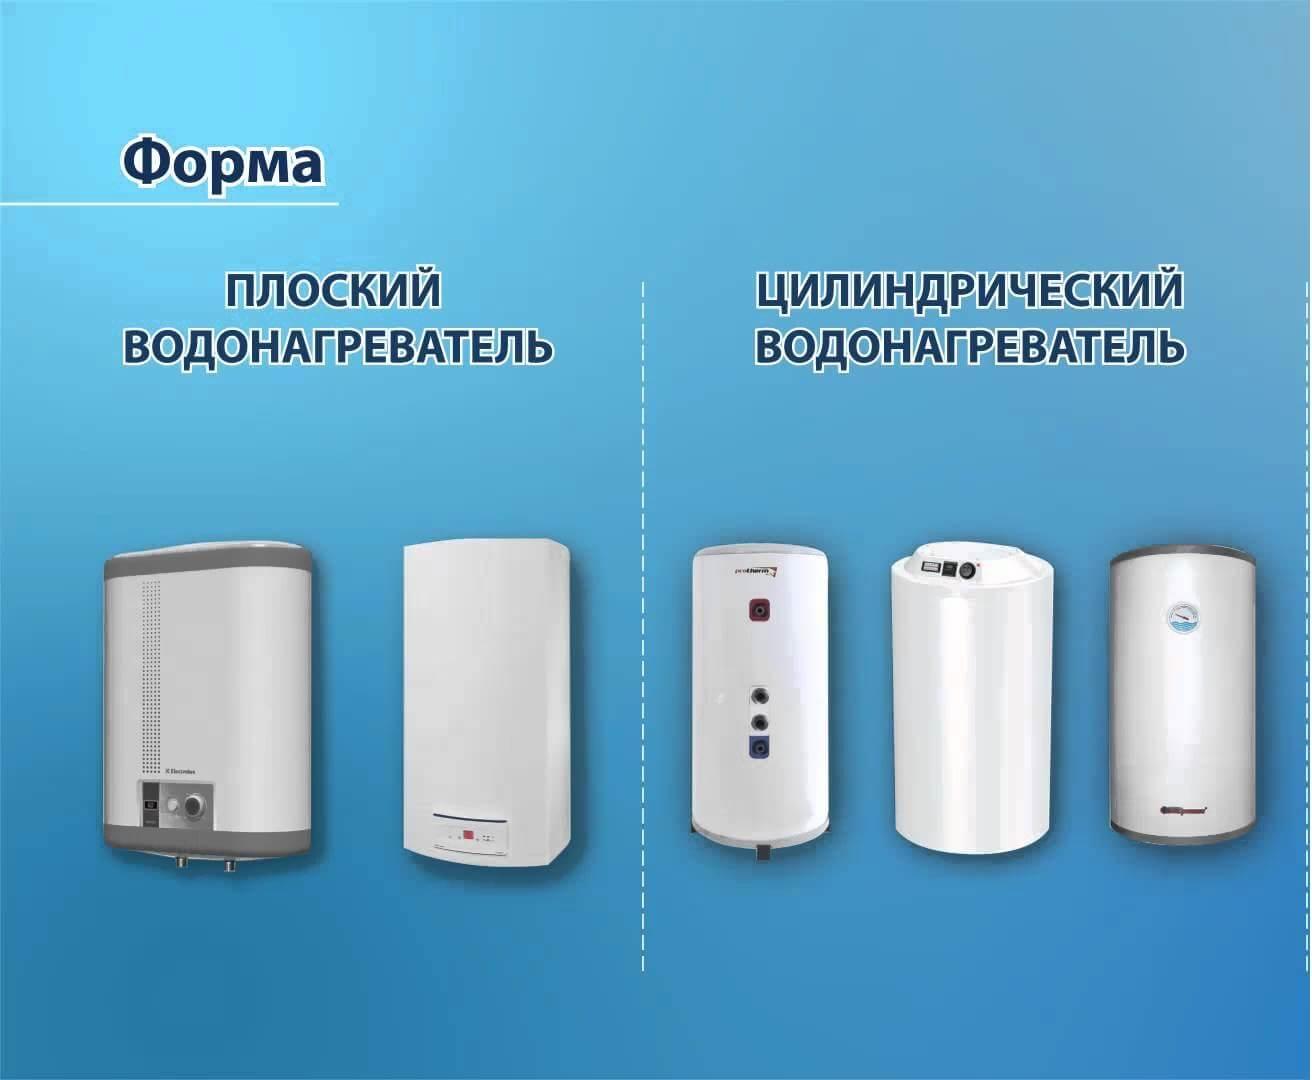 Формы водонагревателей